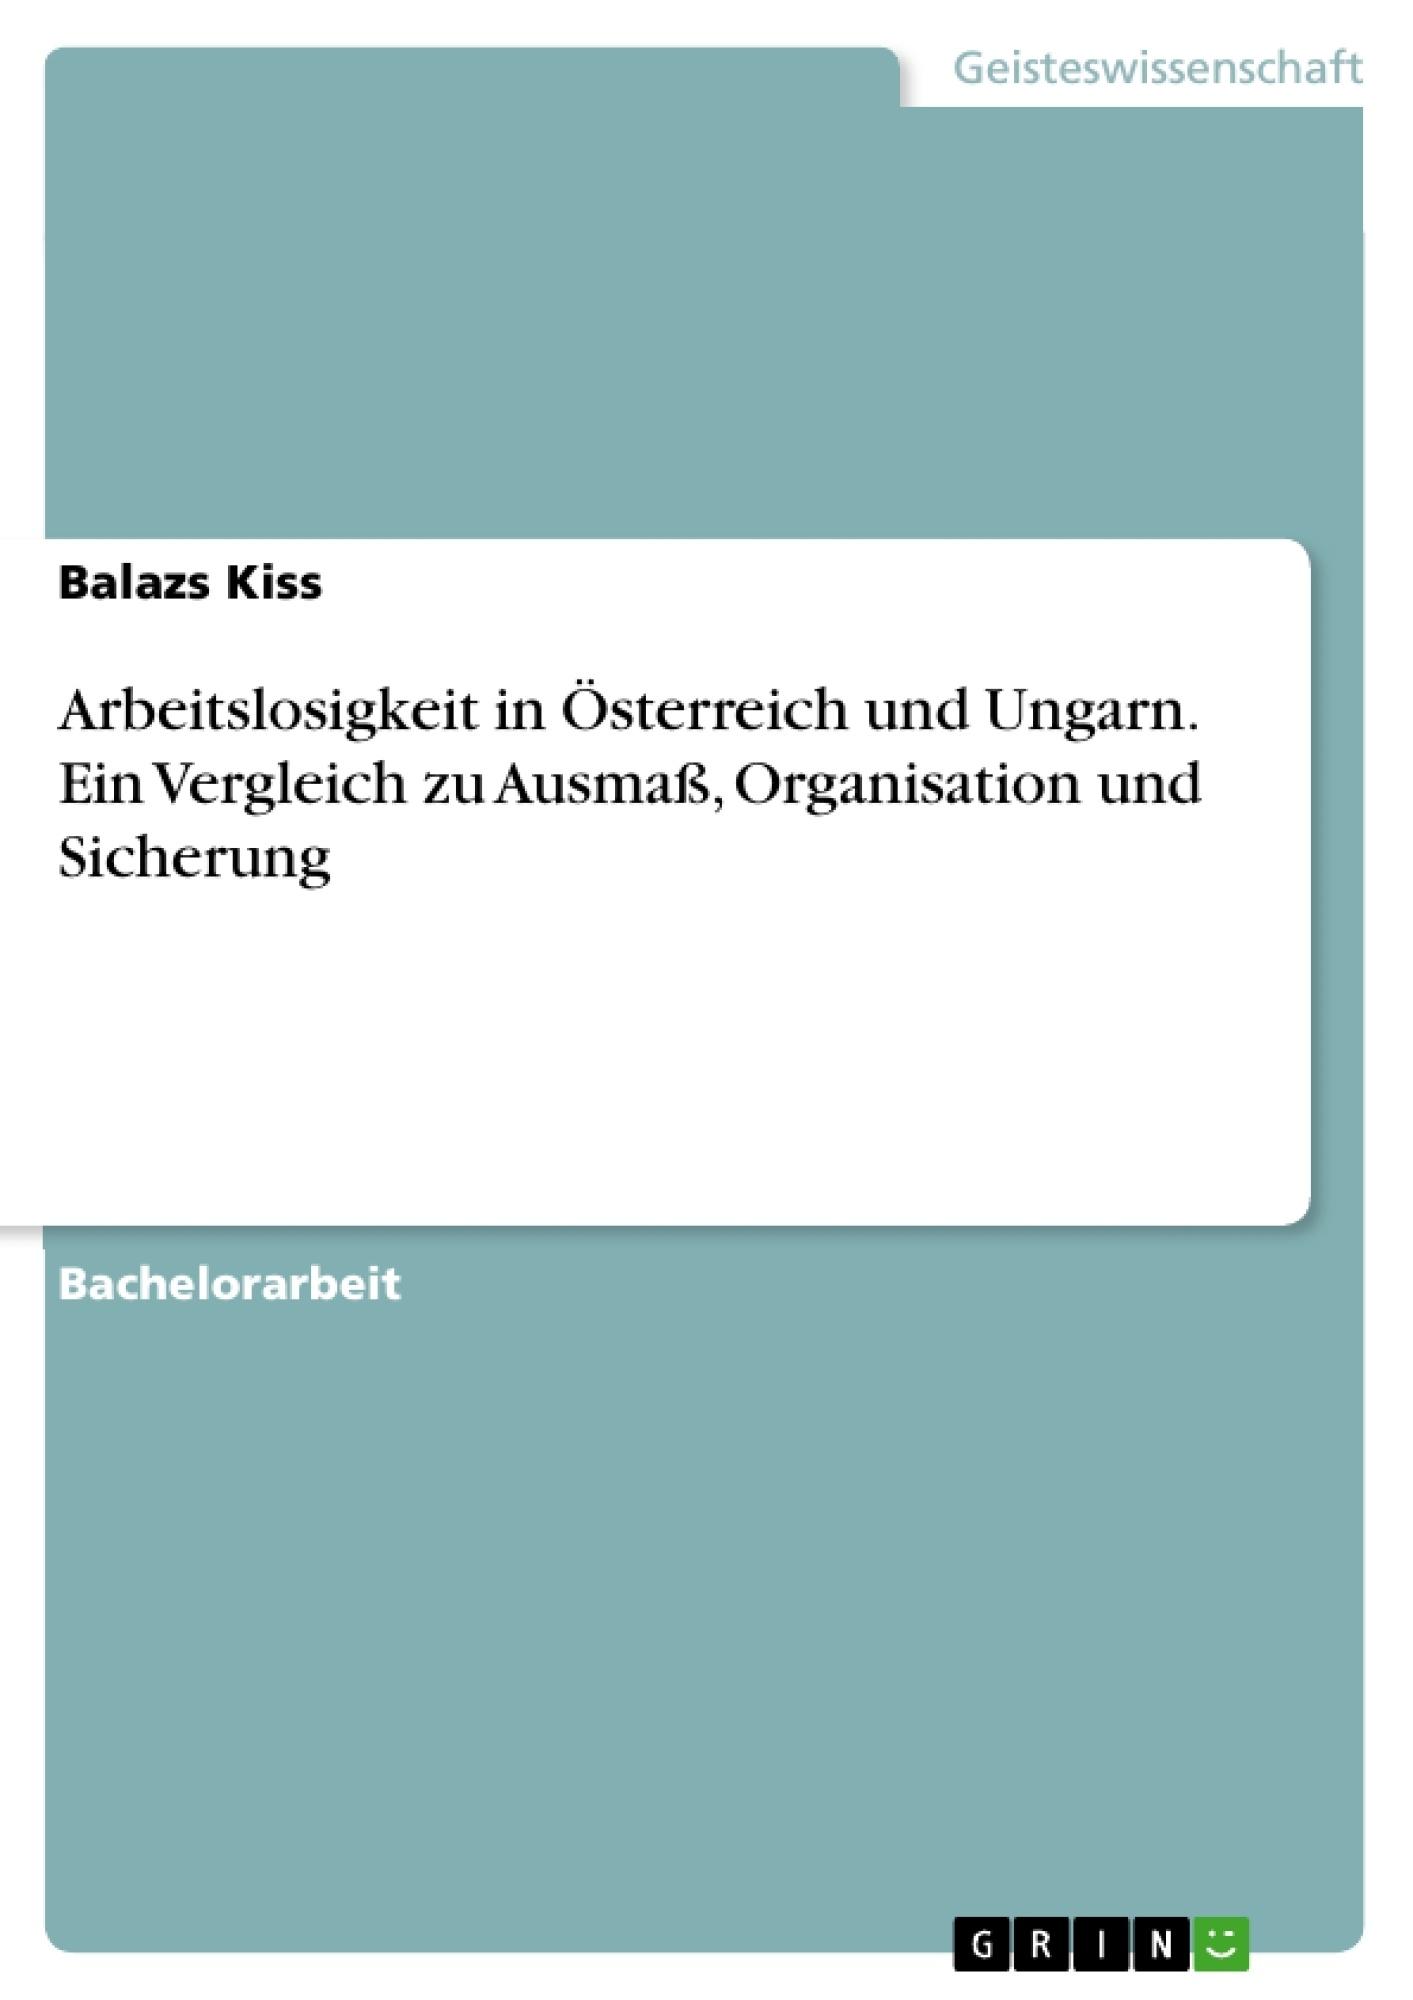 Titel: Arbeitslosigkeit in Österreich und Ungarn. Ein Vergleich zu Ausmaß, Organisation und Sicherung